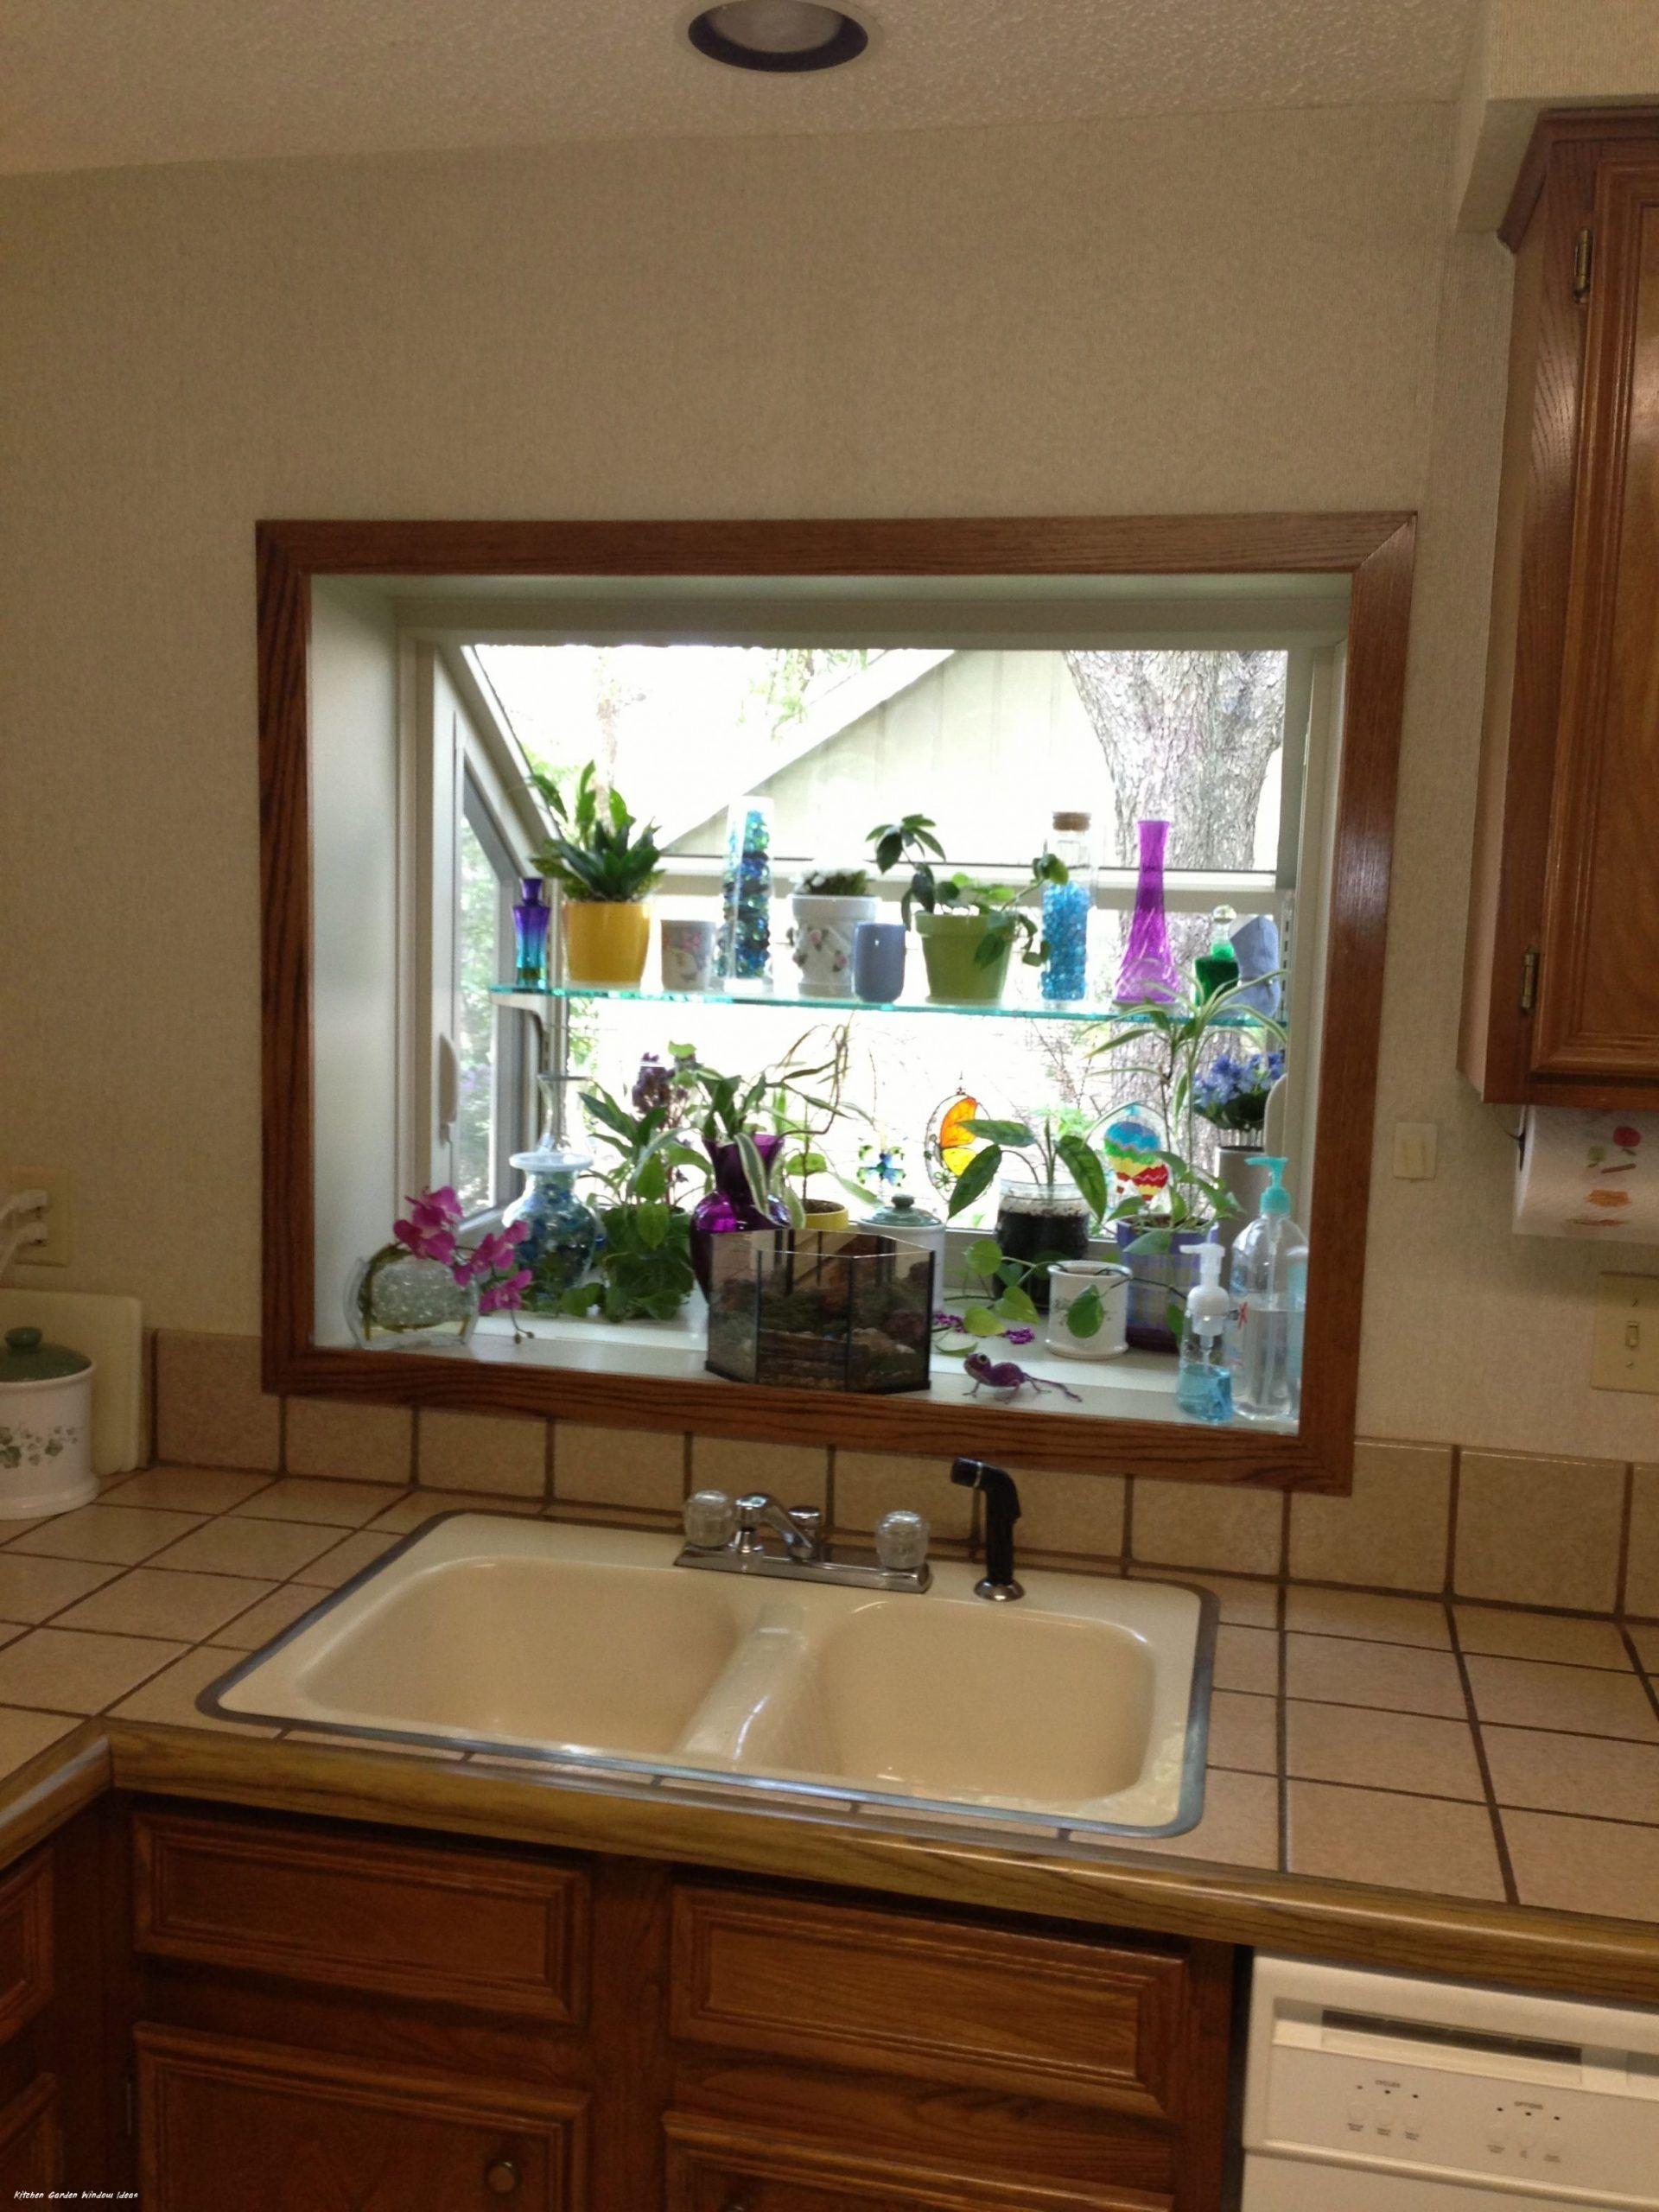 Park Art|My WordPress Blog_Kitchen Garden Windows Over Sink For Sale